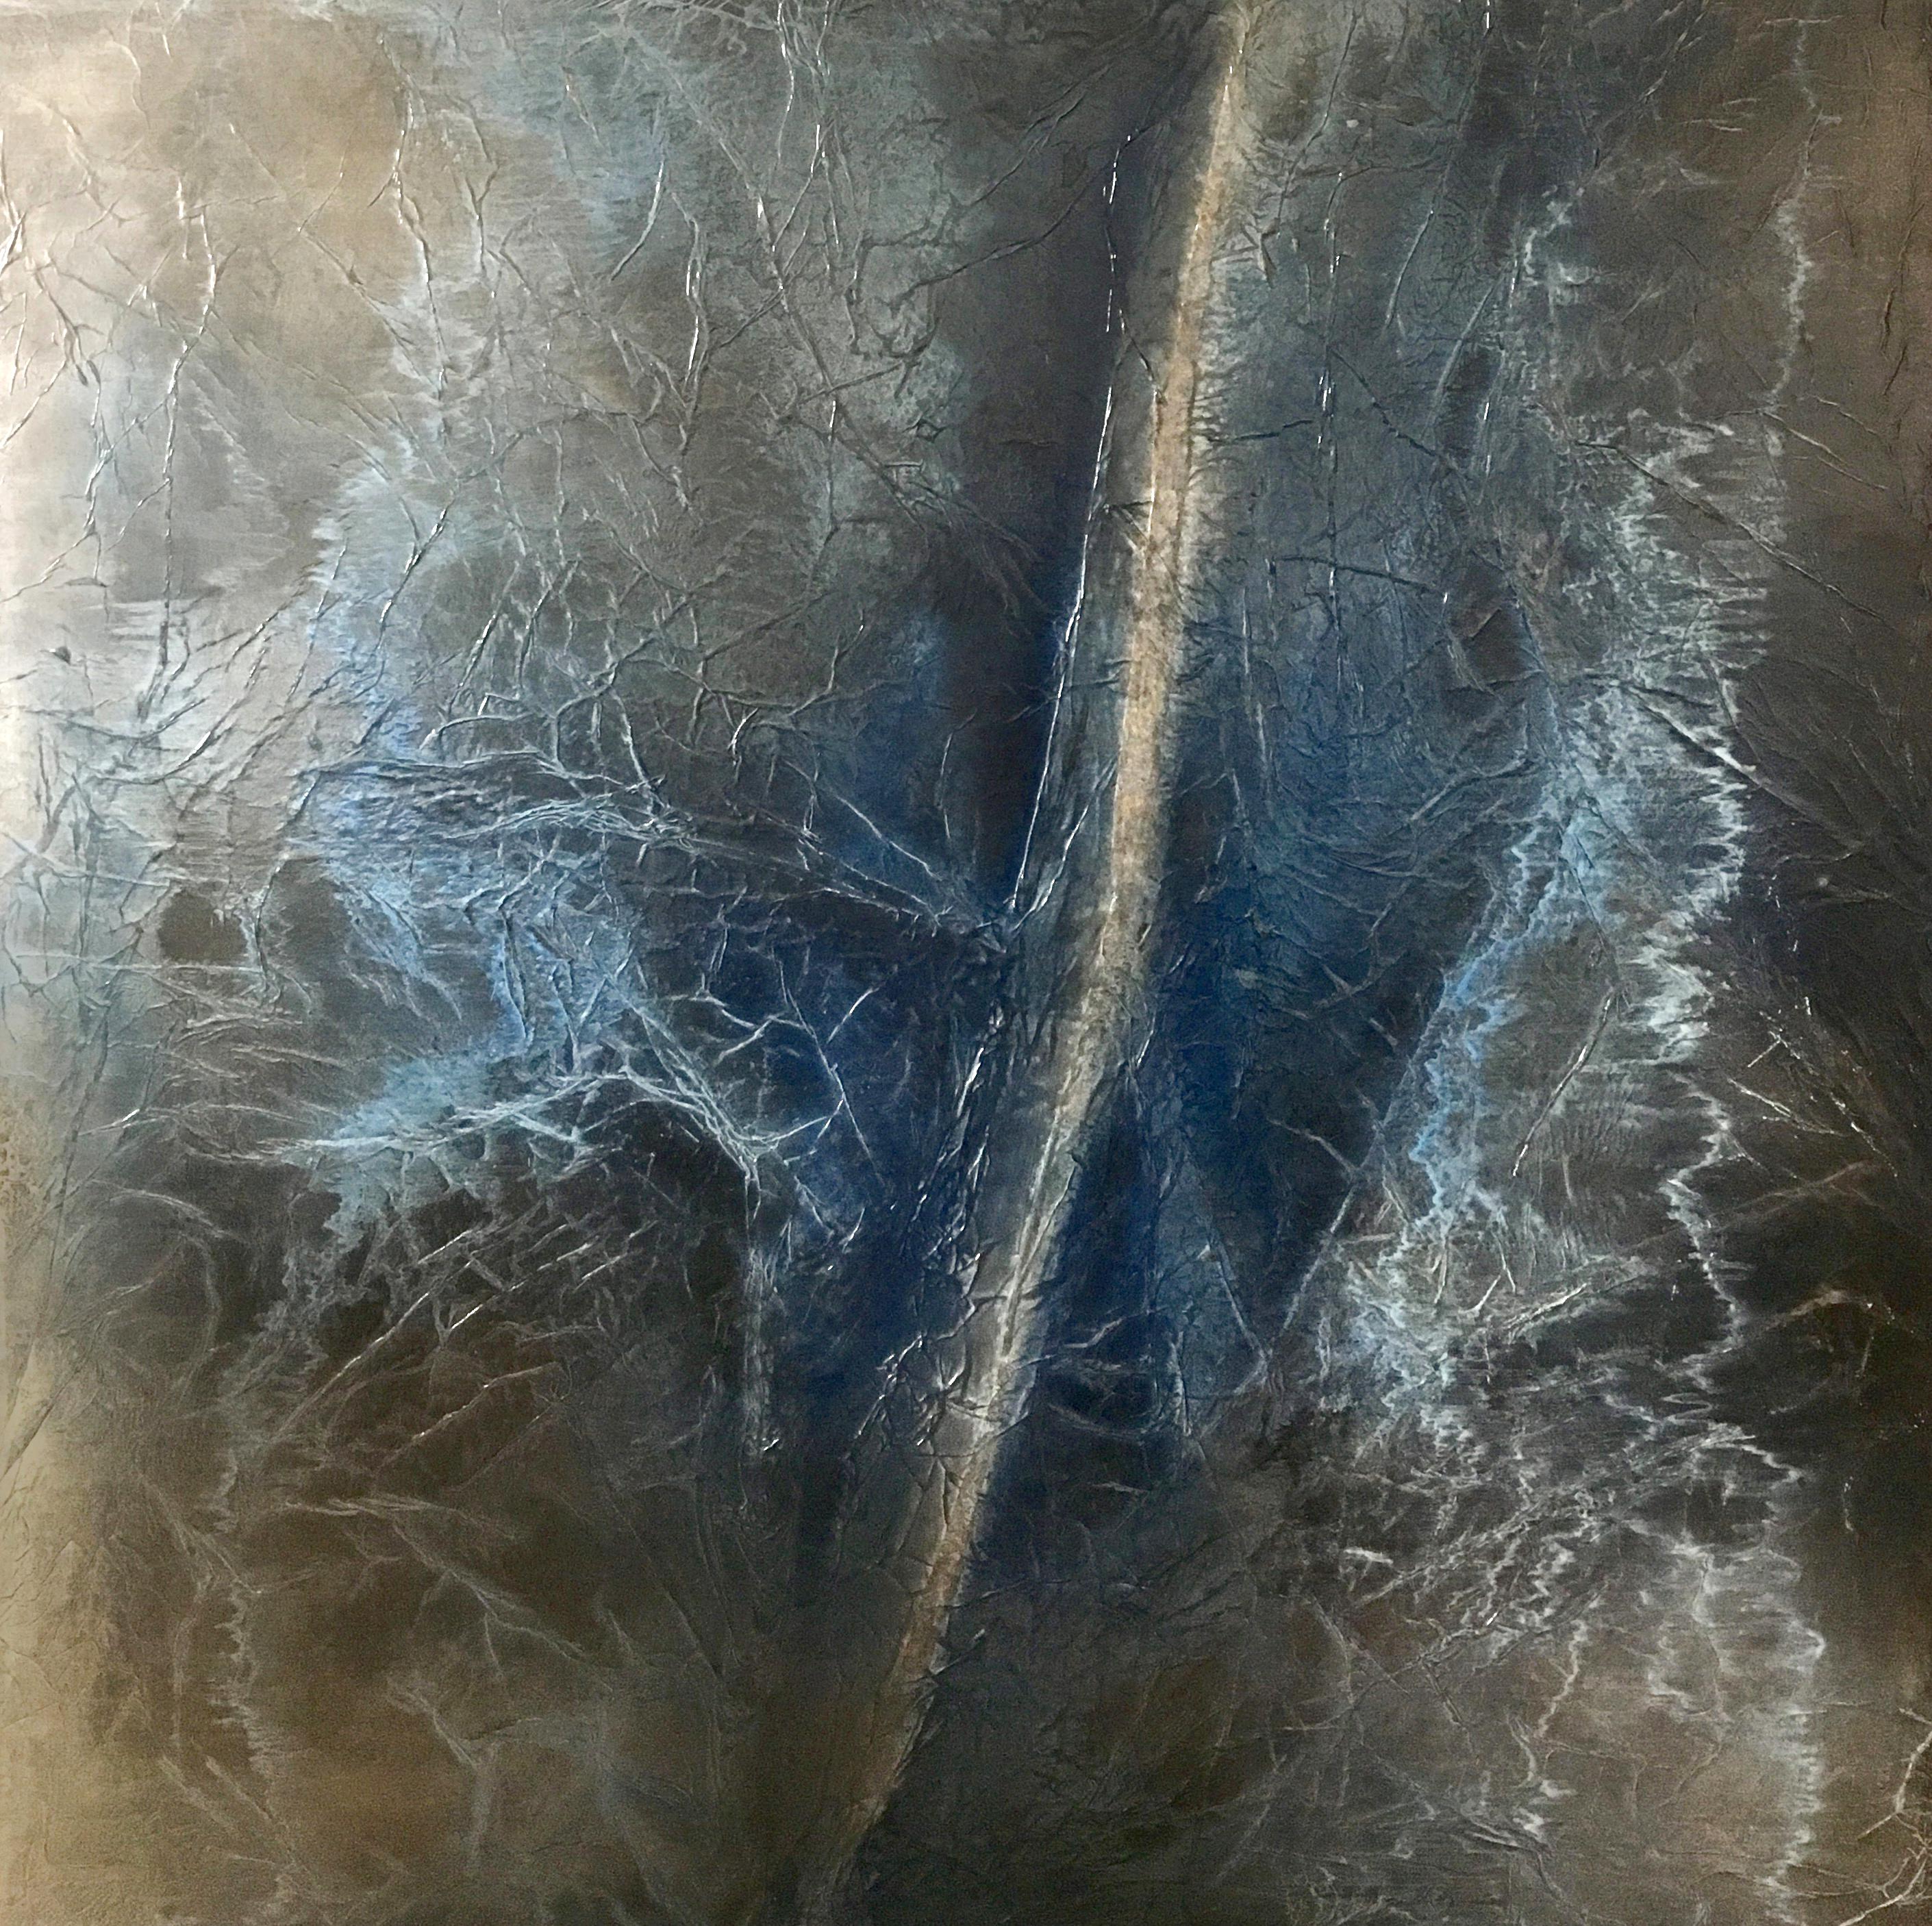 Michele Berlot - L'Ultimo approdo - tecnica mista su tela - 100x100 cm - anno 2016